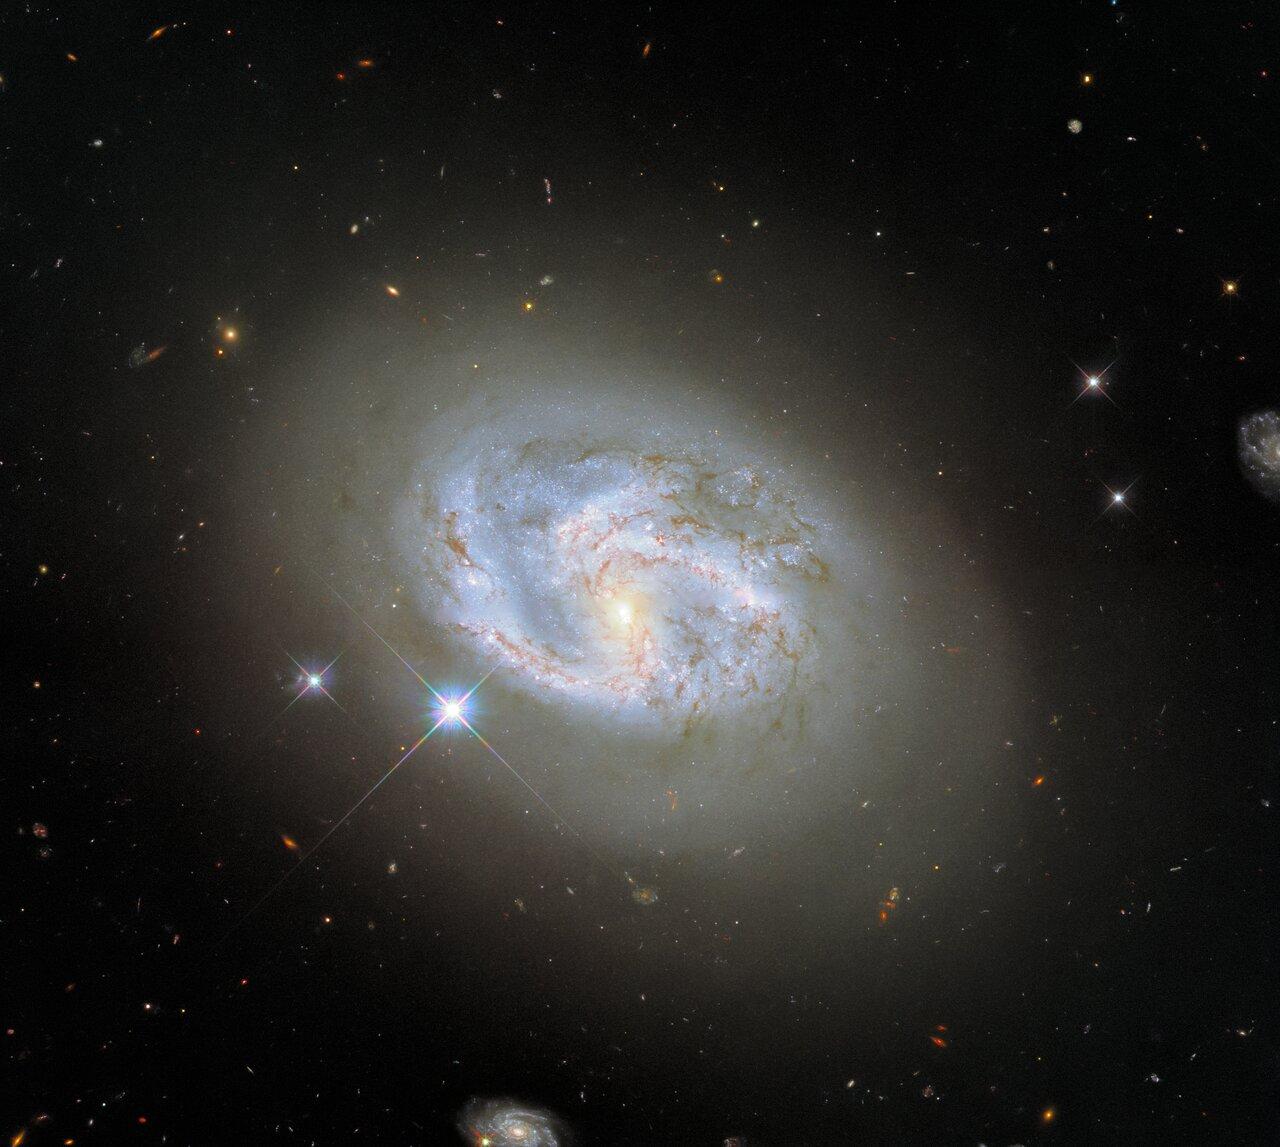 Как выглядит галактика, которая находится на расстоянии 140 световых лет от Земли - фото 2